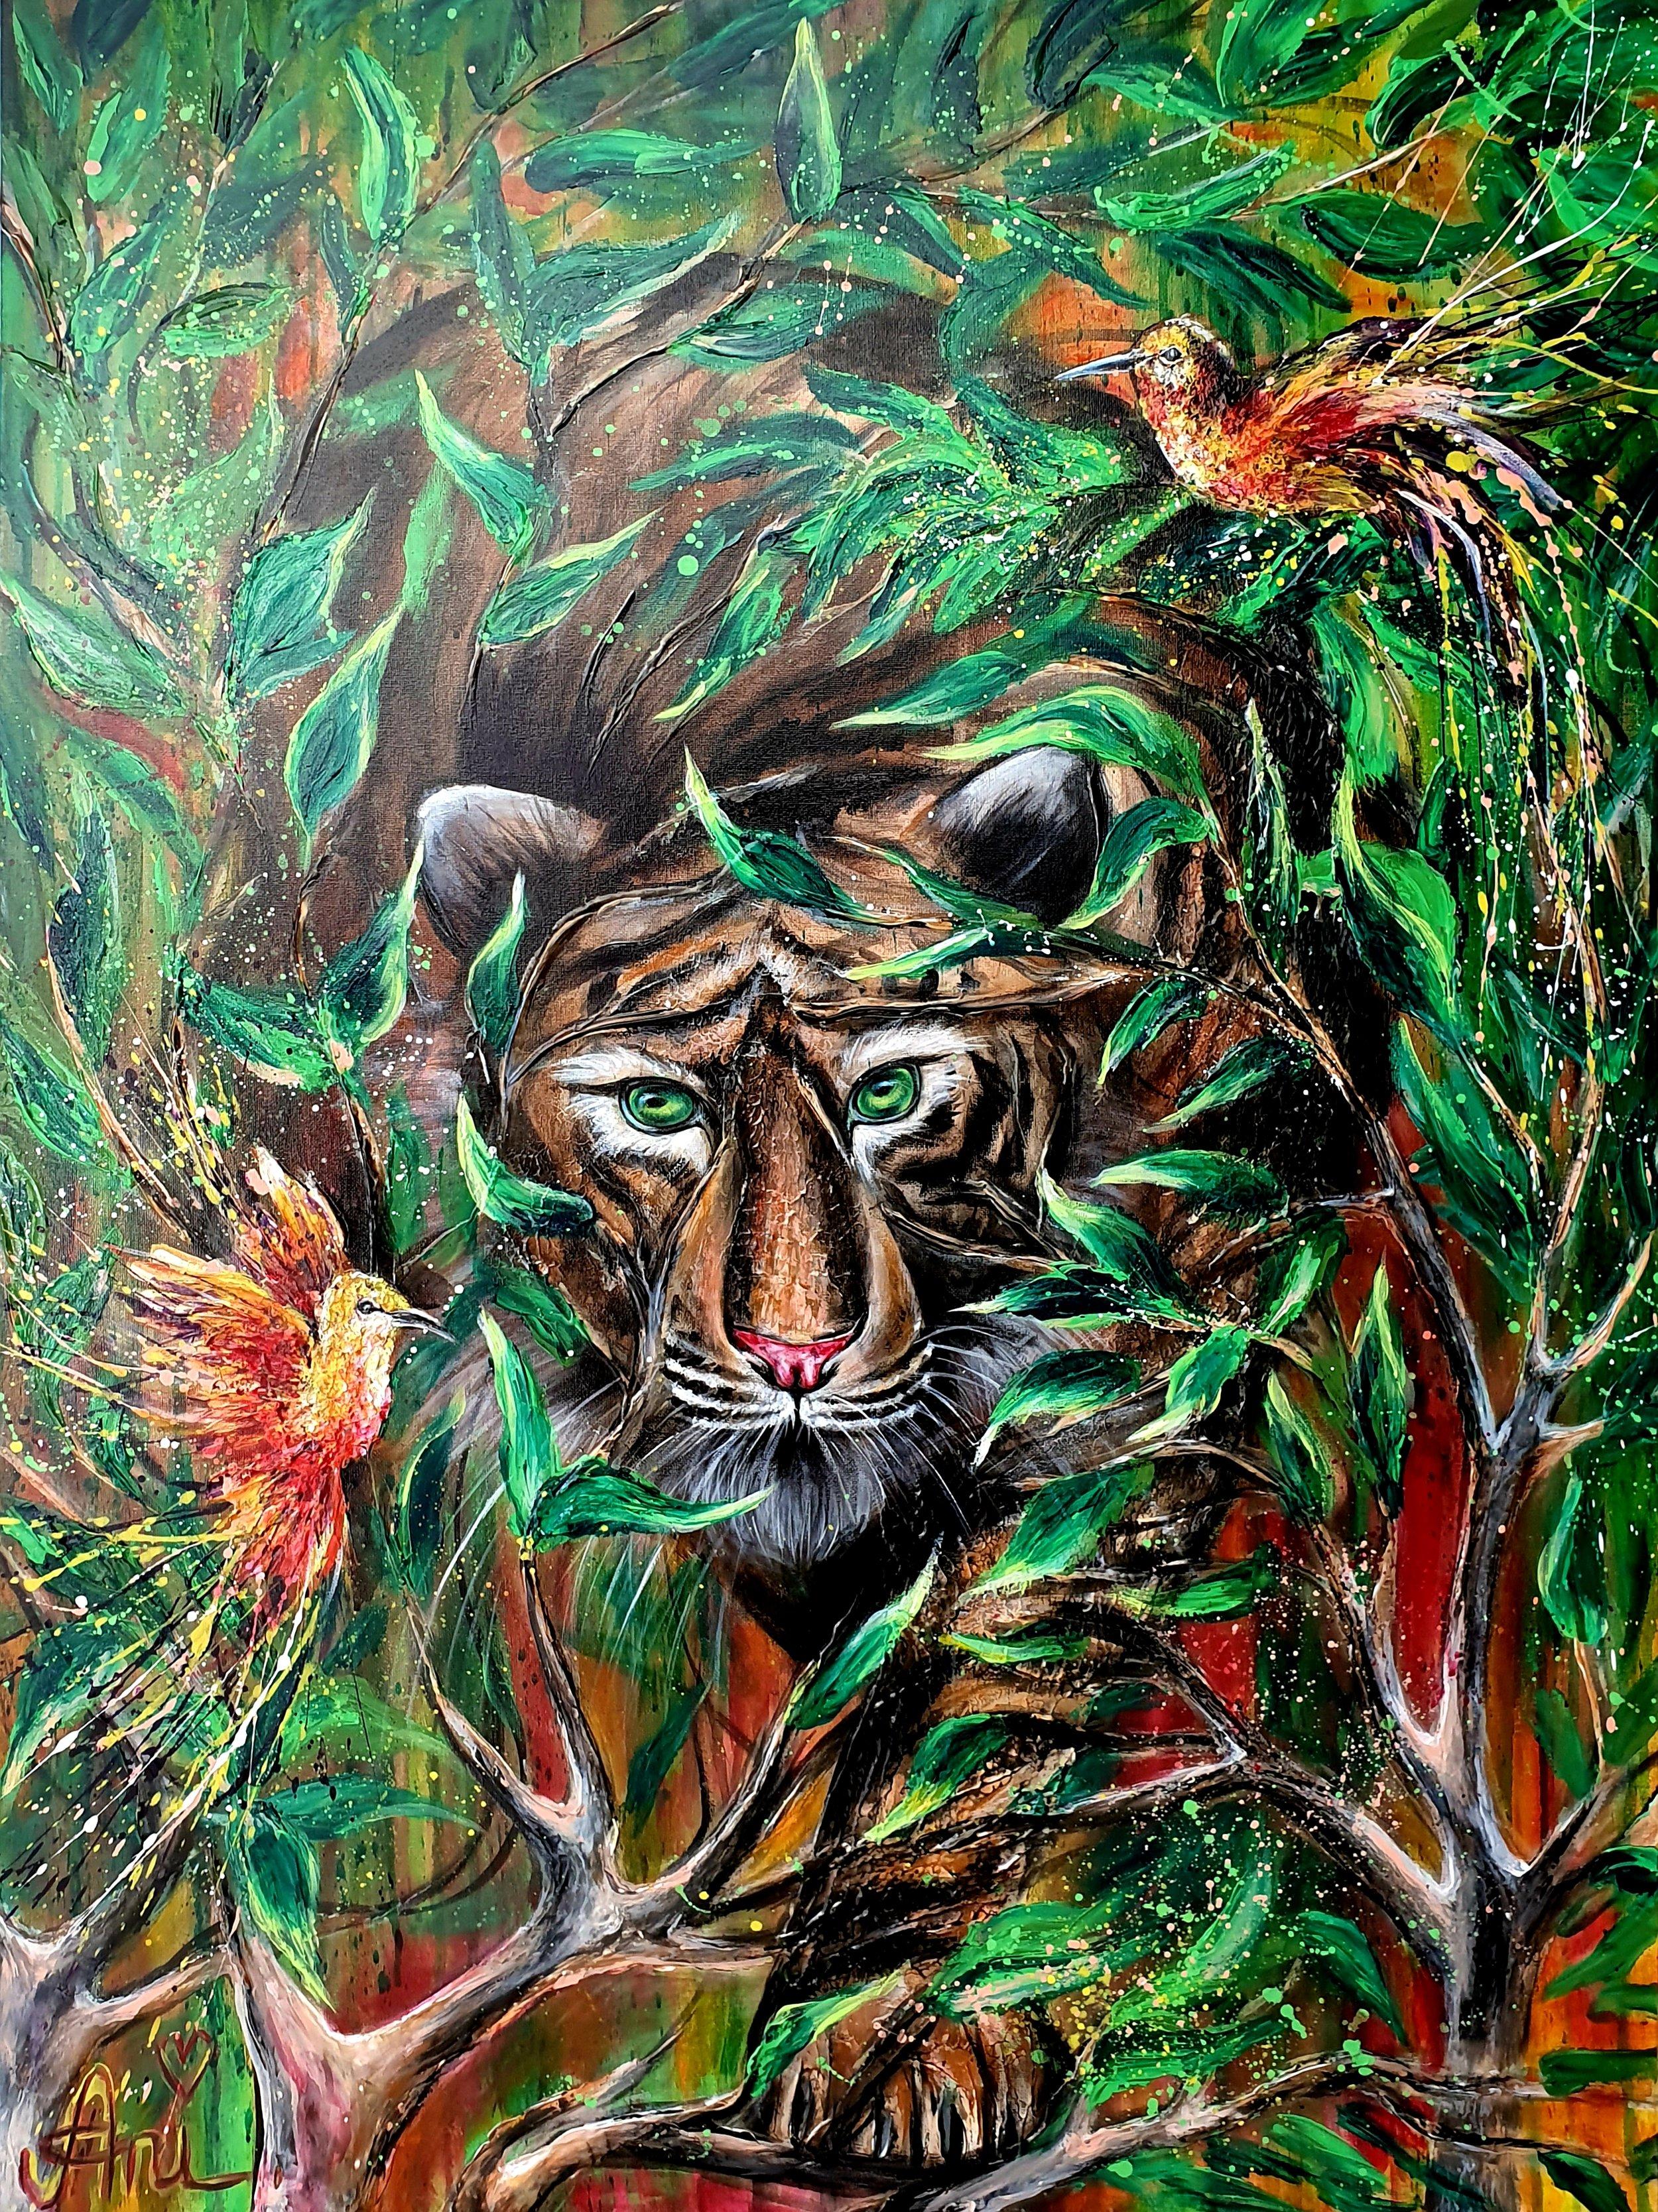 Le tigre de la jungle:  Peinture acrylique sur toile 3D, 100cm x 75cm  Prix: 1100€ + frais de livraison